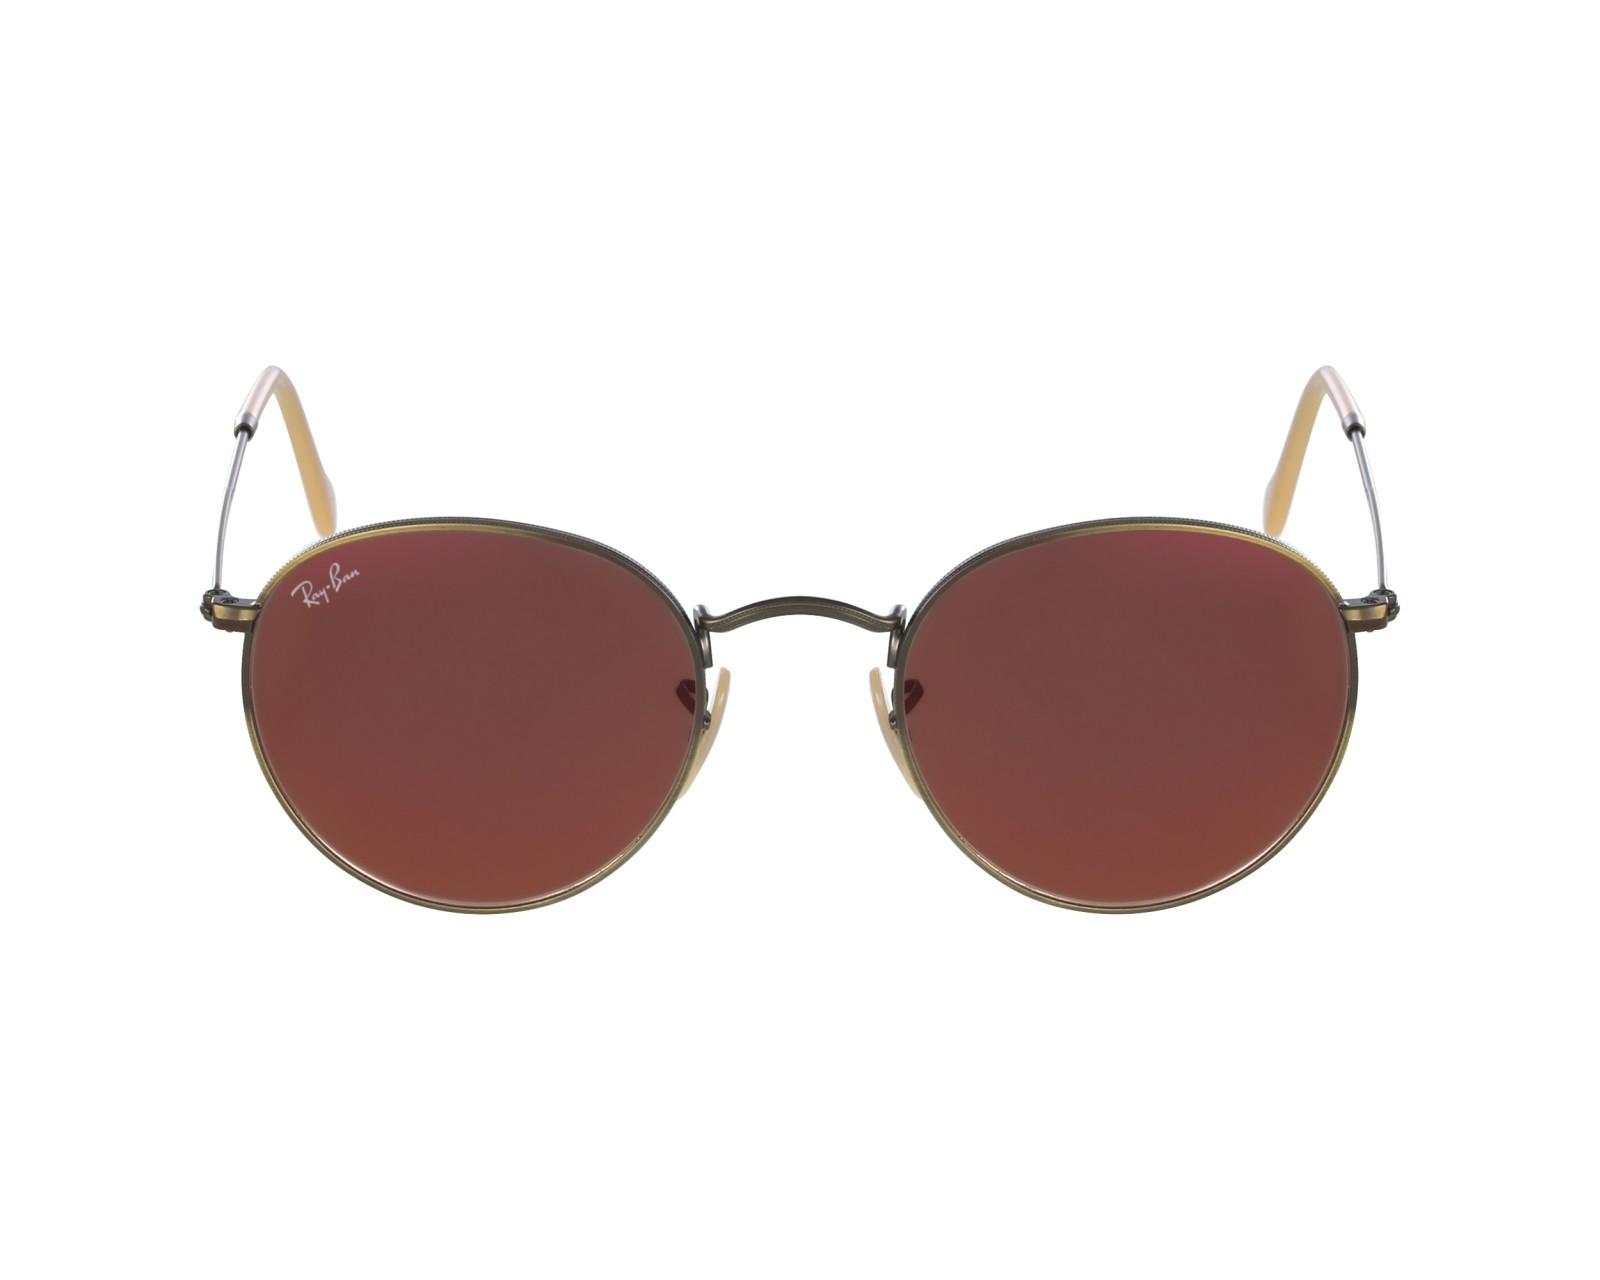 Vorschaubild Sonnenbrillen Ray-Ban RB-3447 167 2K - bronze Profilansicht 5328c0b14e44